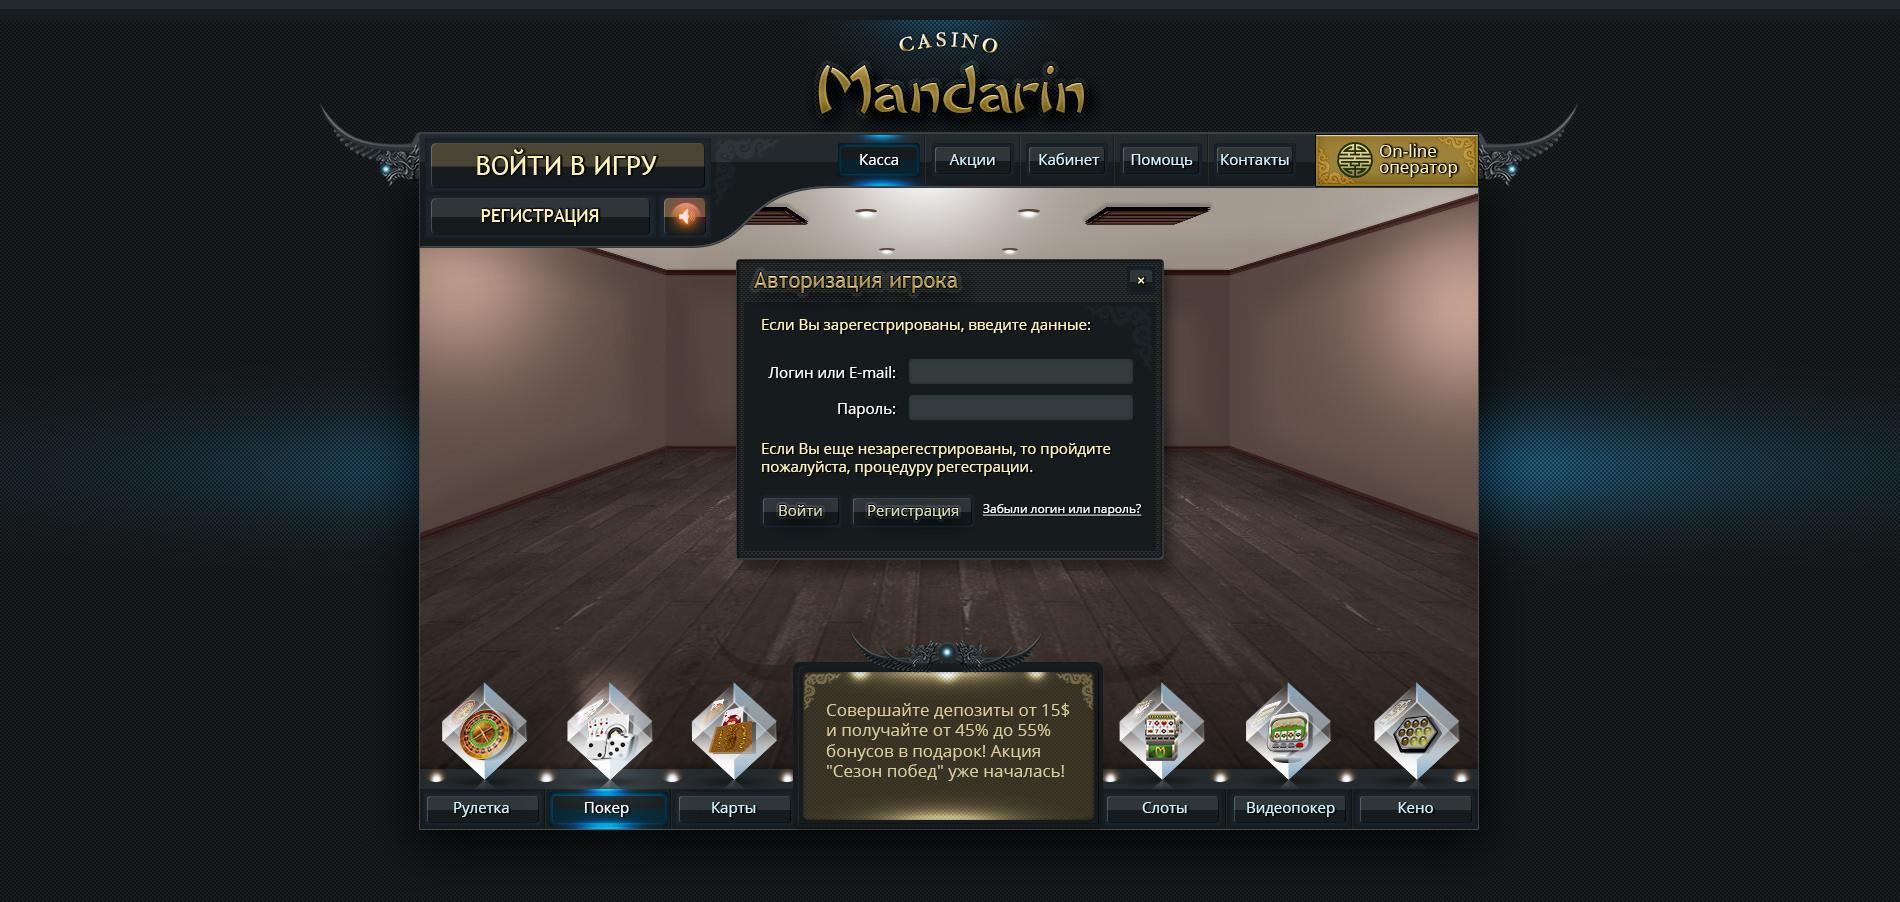 почему не работает казино мандарин